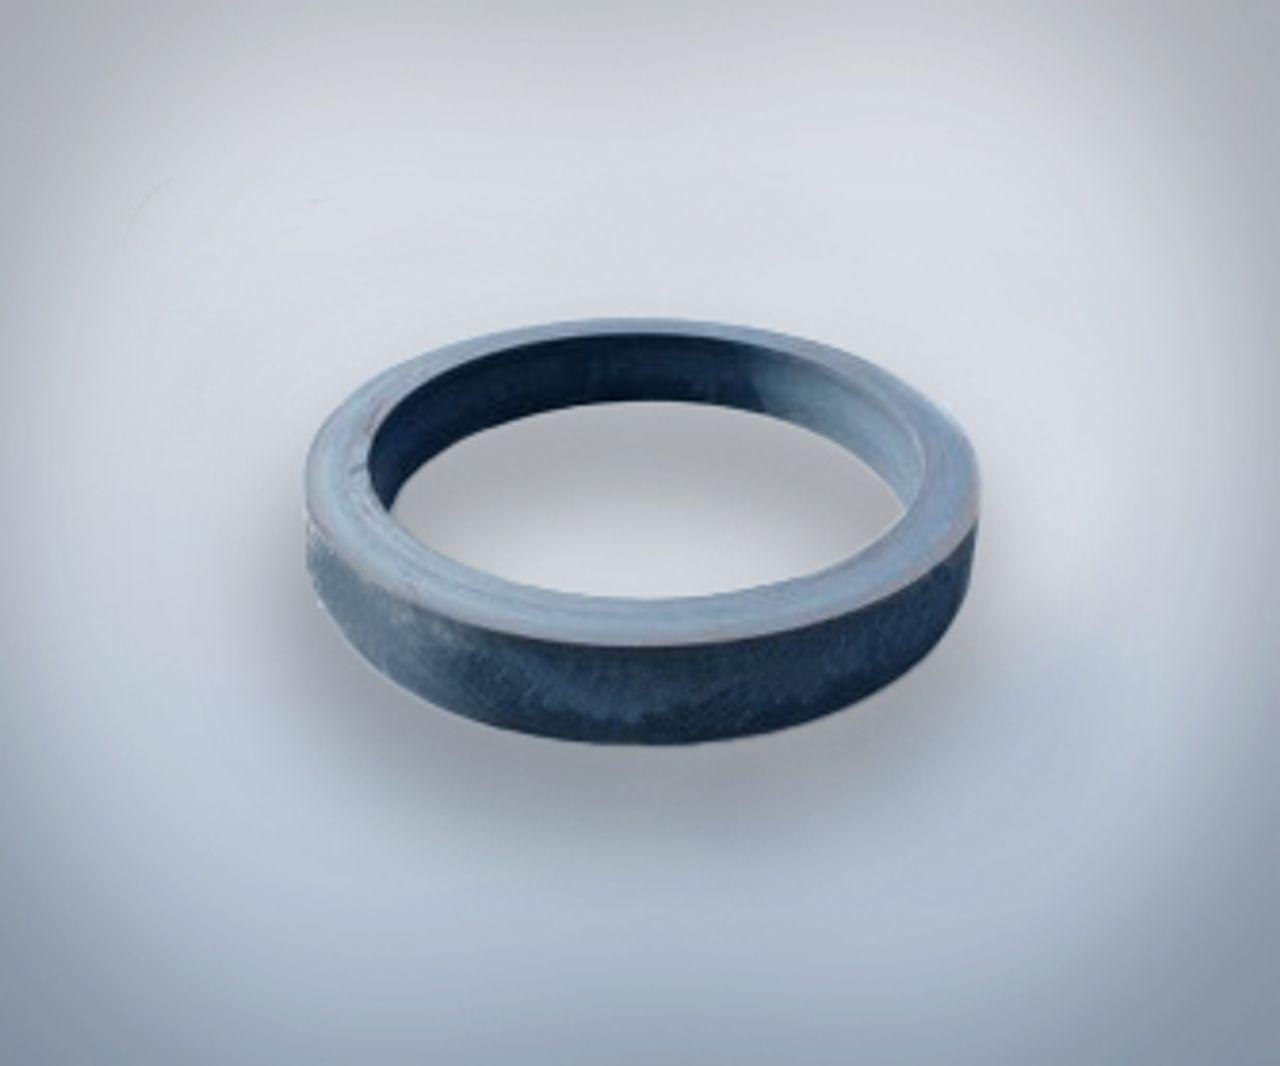 Un anillo sobre un fondo gris